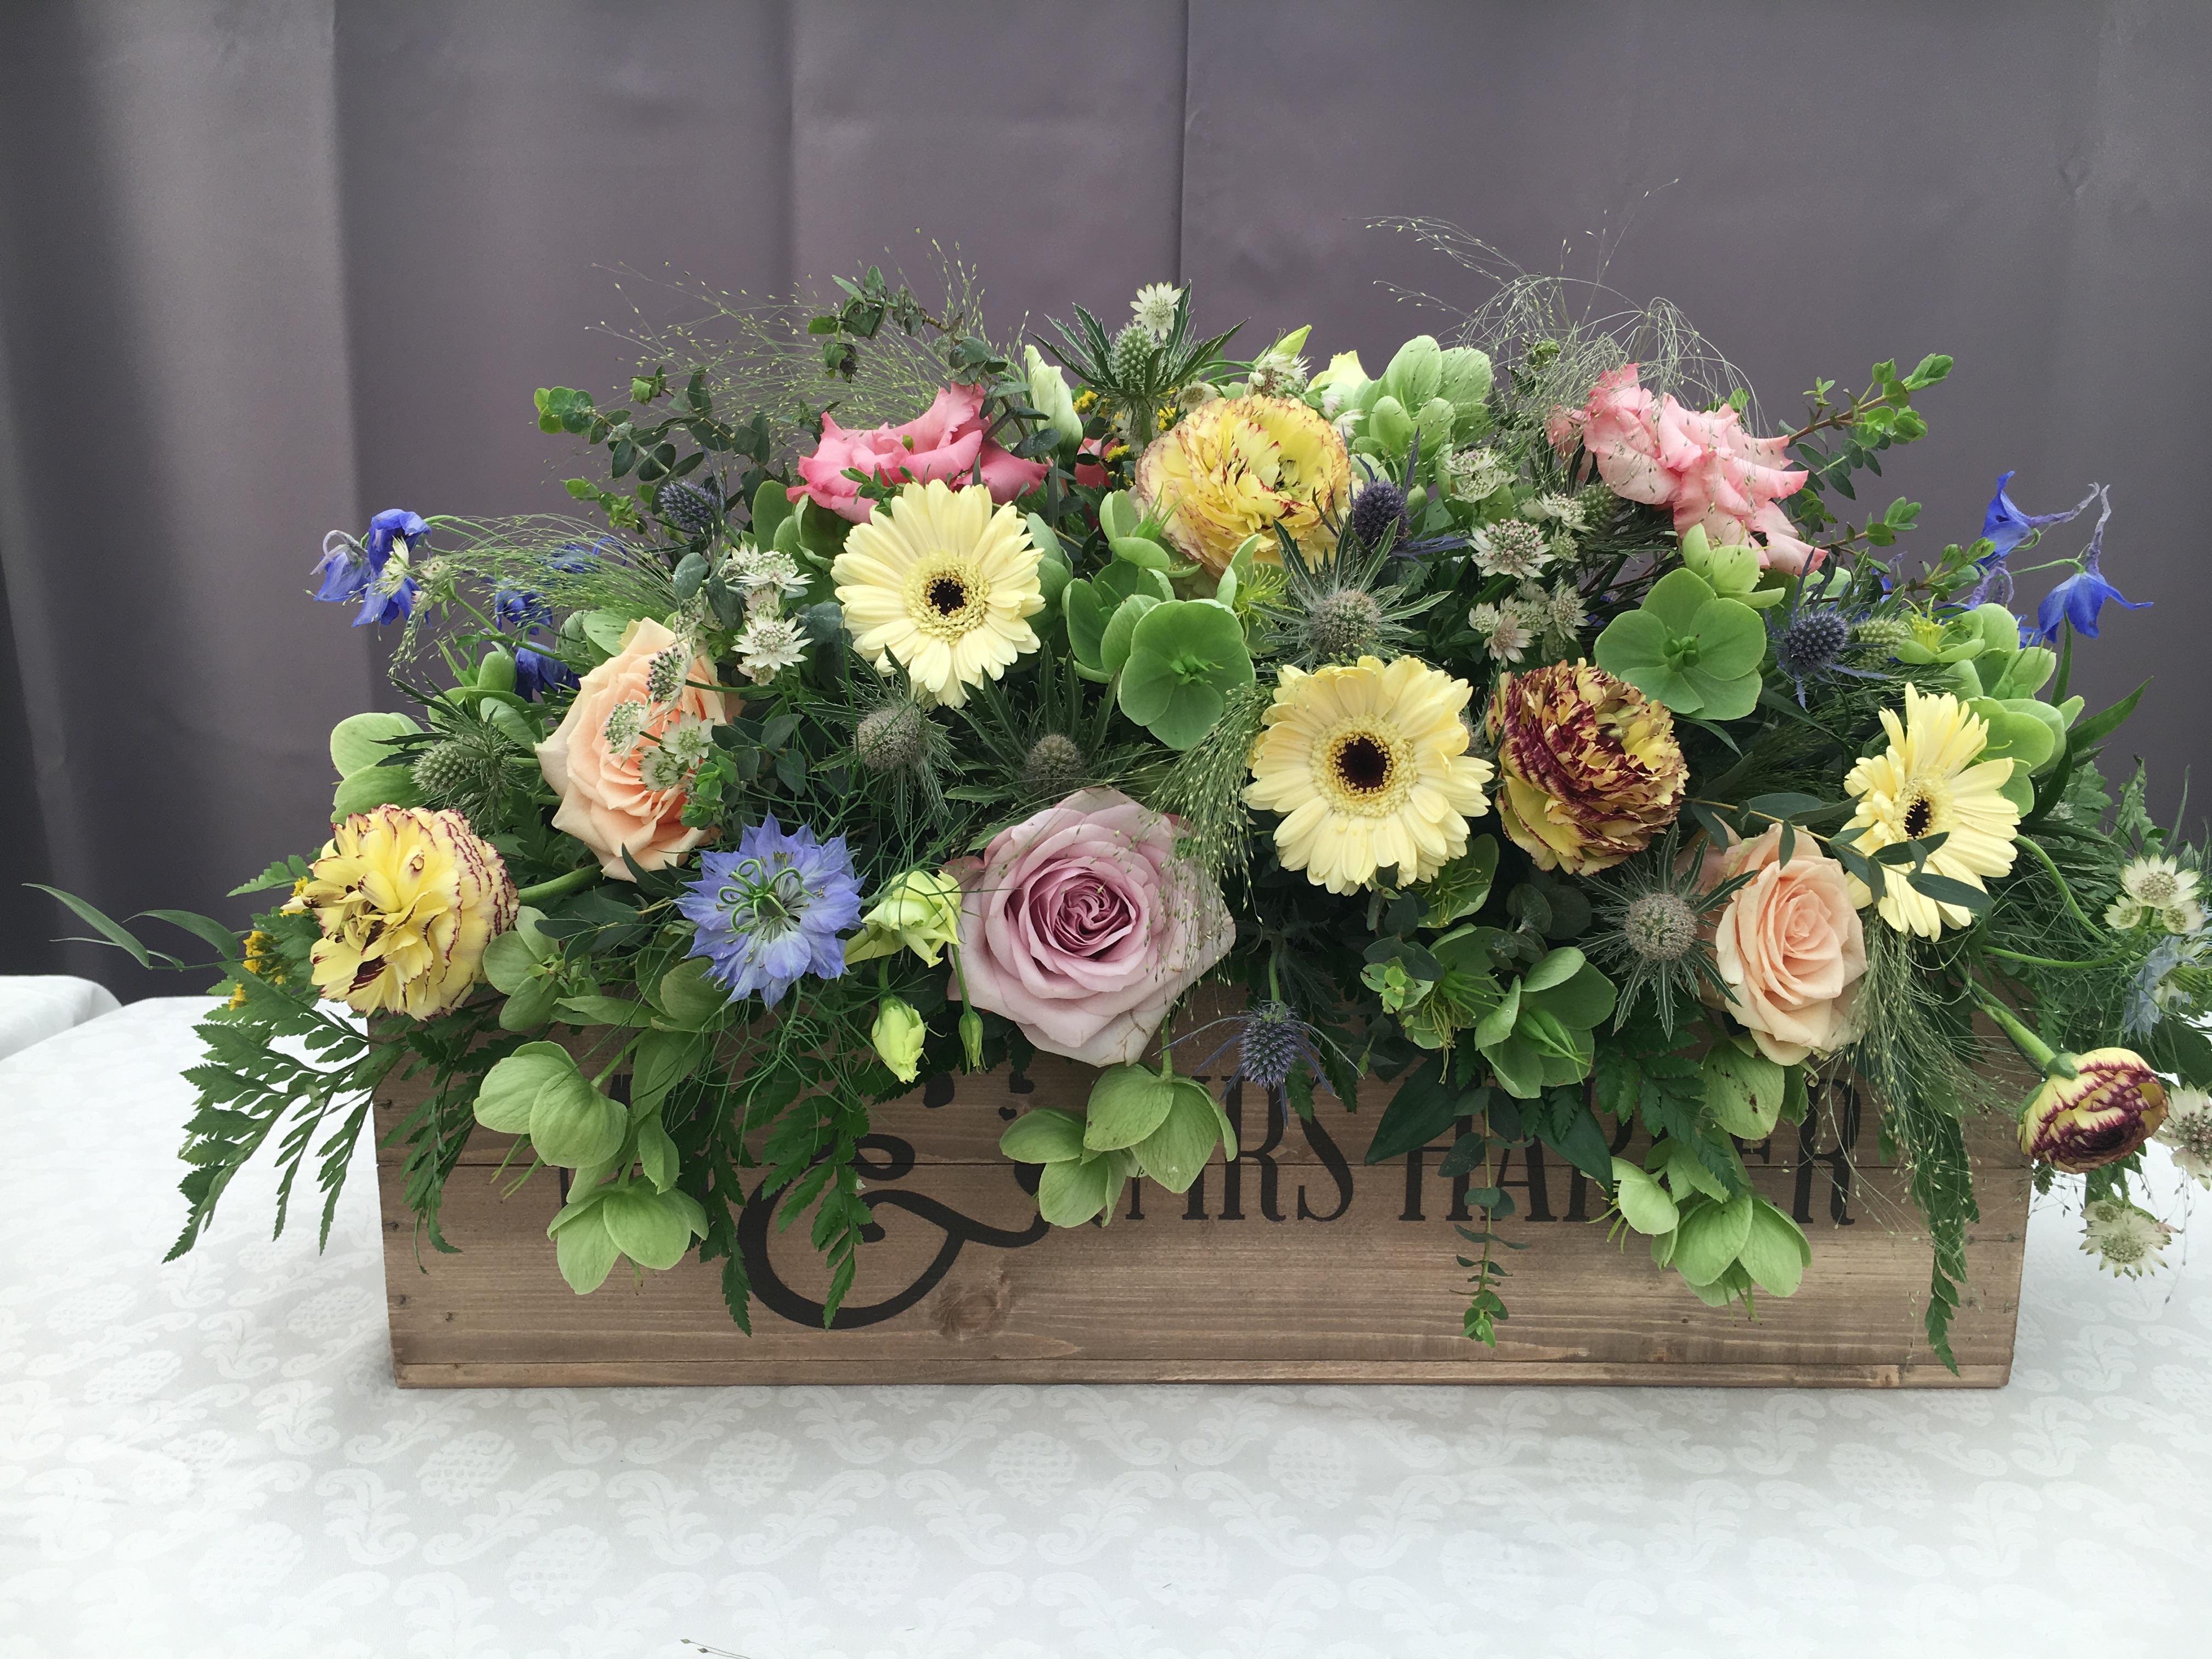 Rustic wedding top table arrangement